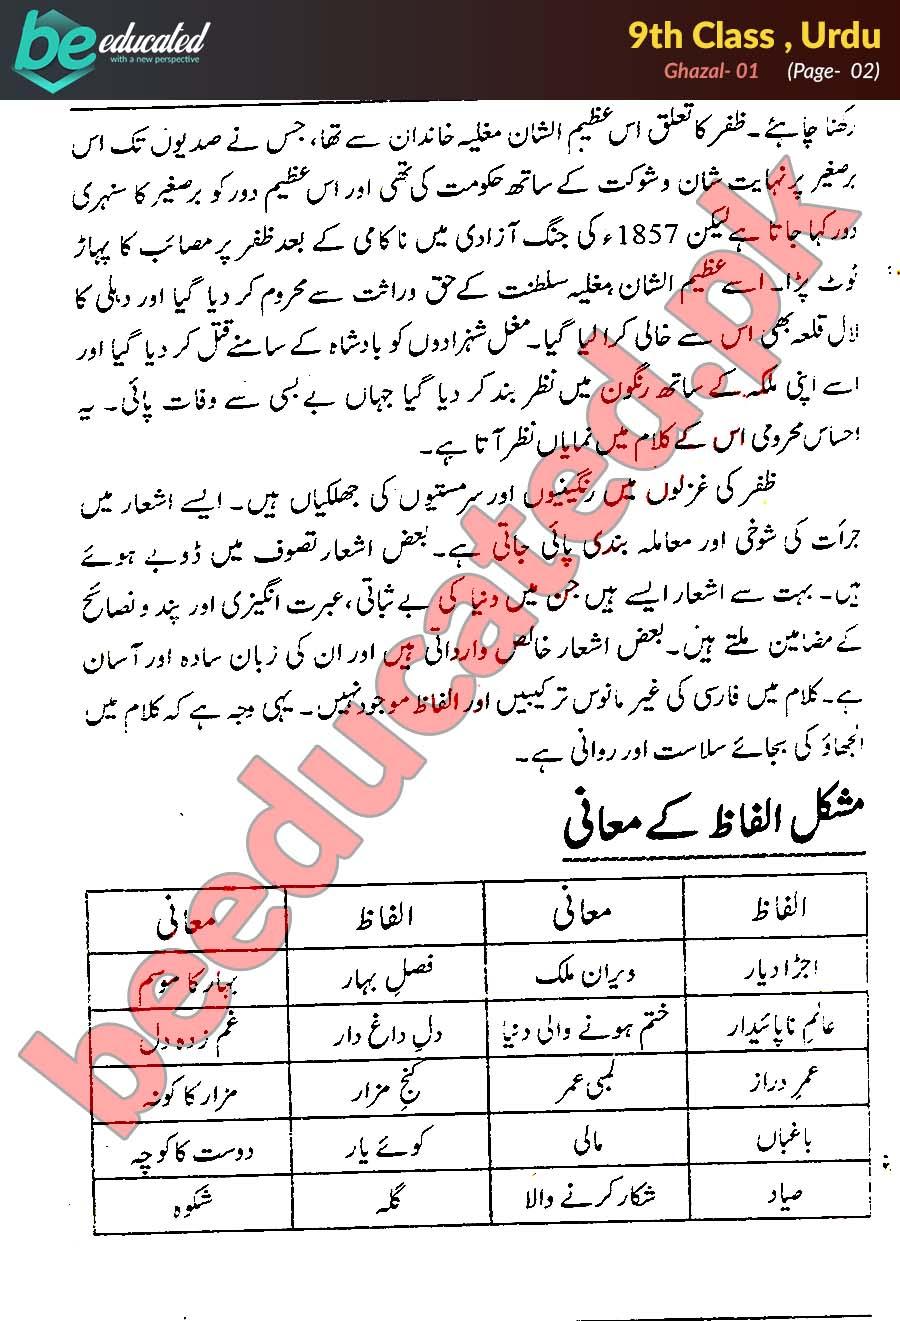 Ghazal 1 Urdu 9th Class Notes - Matric Part 1 Notes